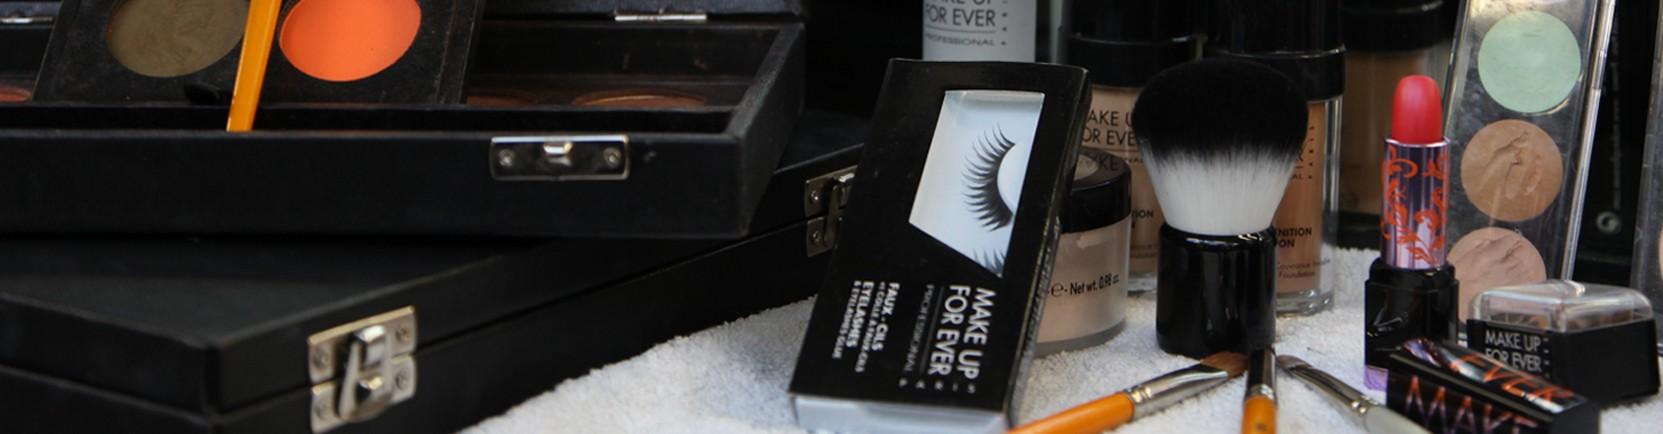 slider3_MakeupforeverAcademy.jpg